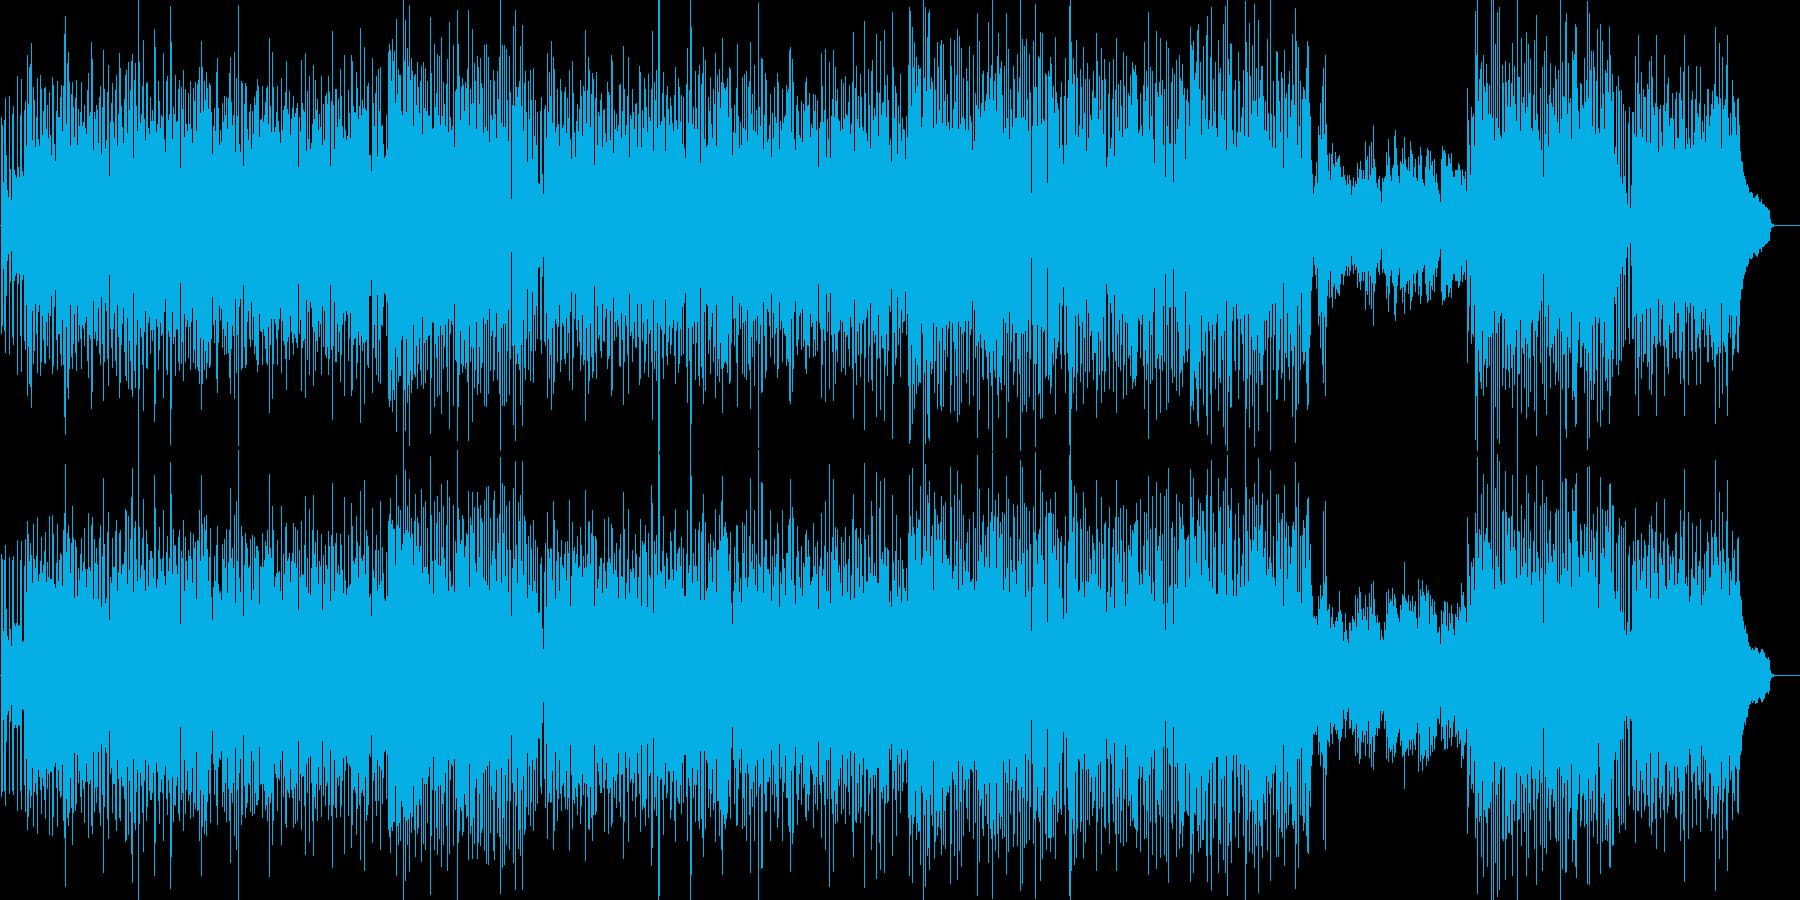 優しさへの感謝をテーマにした曲で、フォ…の再生済みの波形